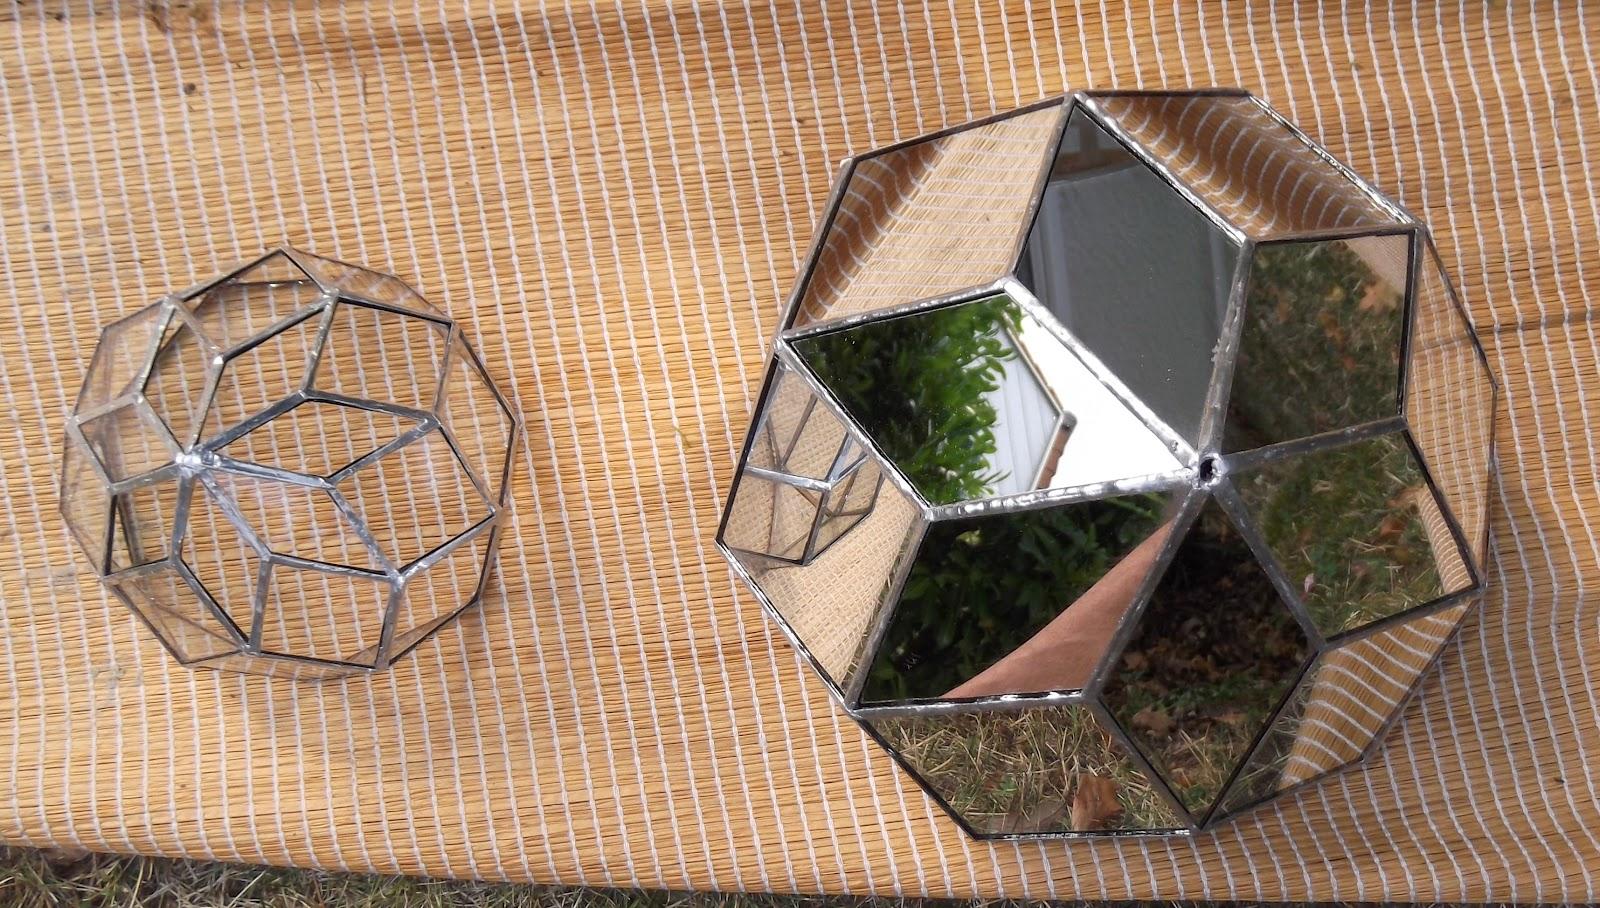 Horizon zome zome 6 miroir for Miroir quantique